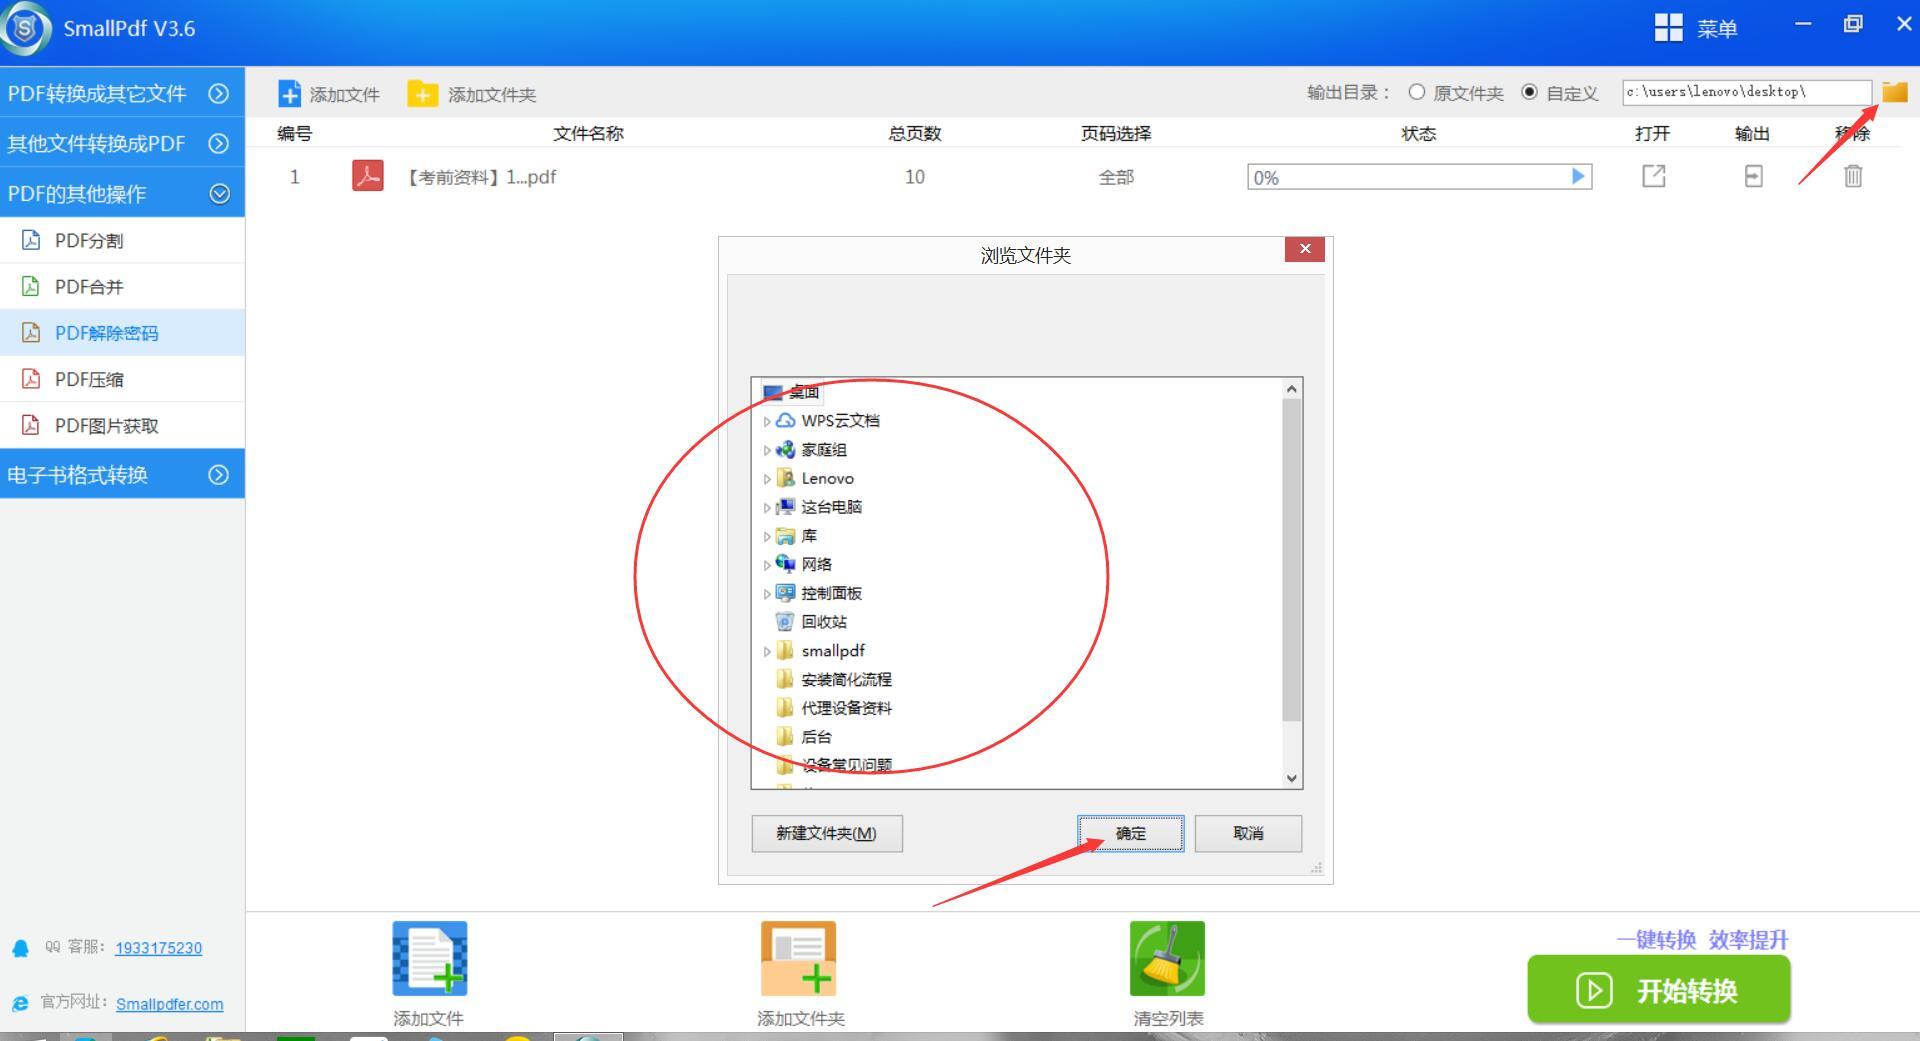 Small PDF转换成JPG软件PDF密码解除操作-6